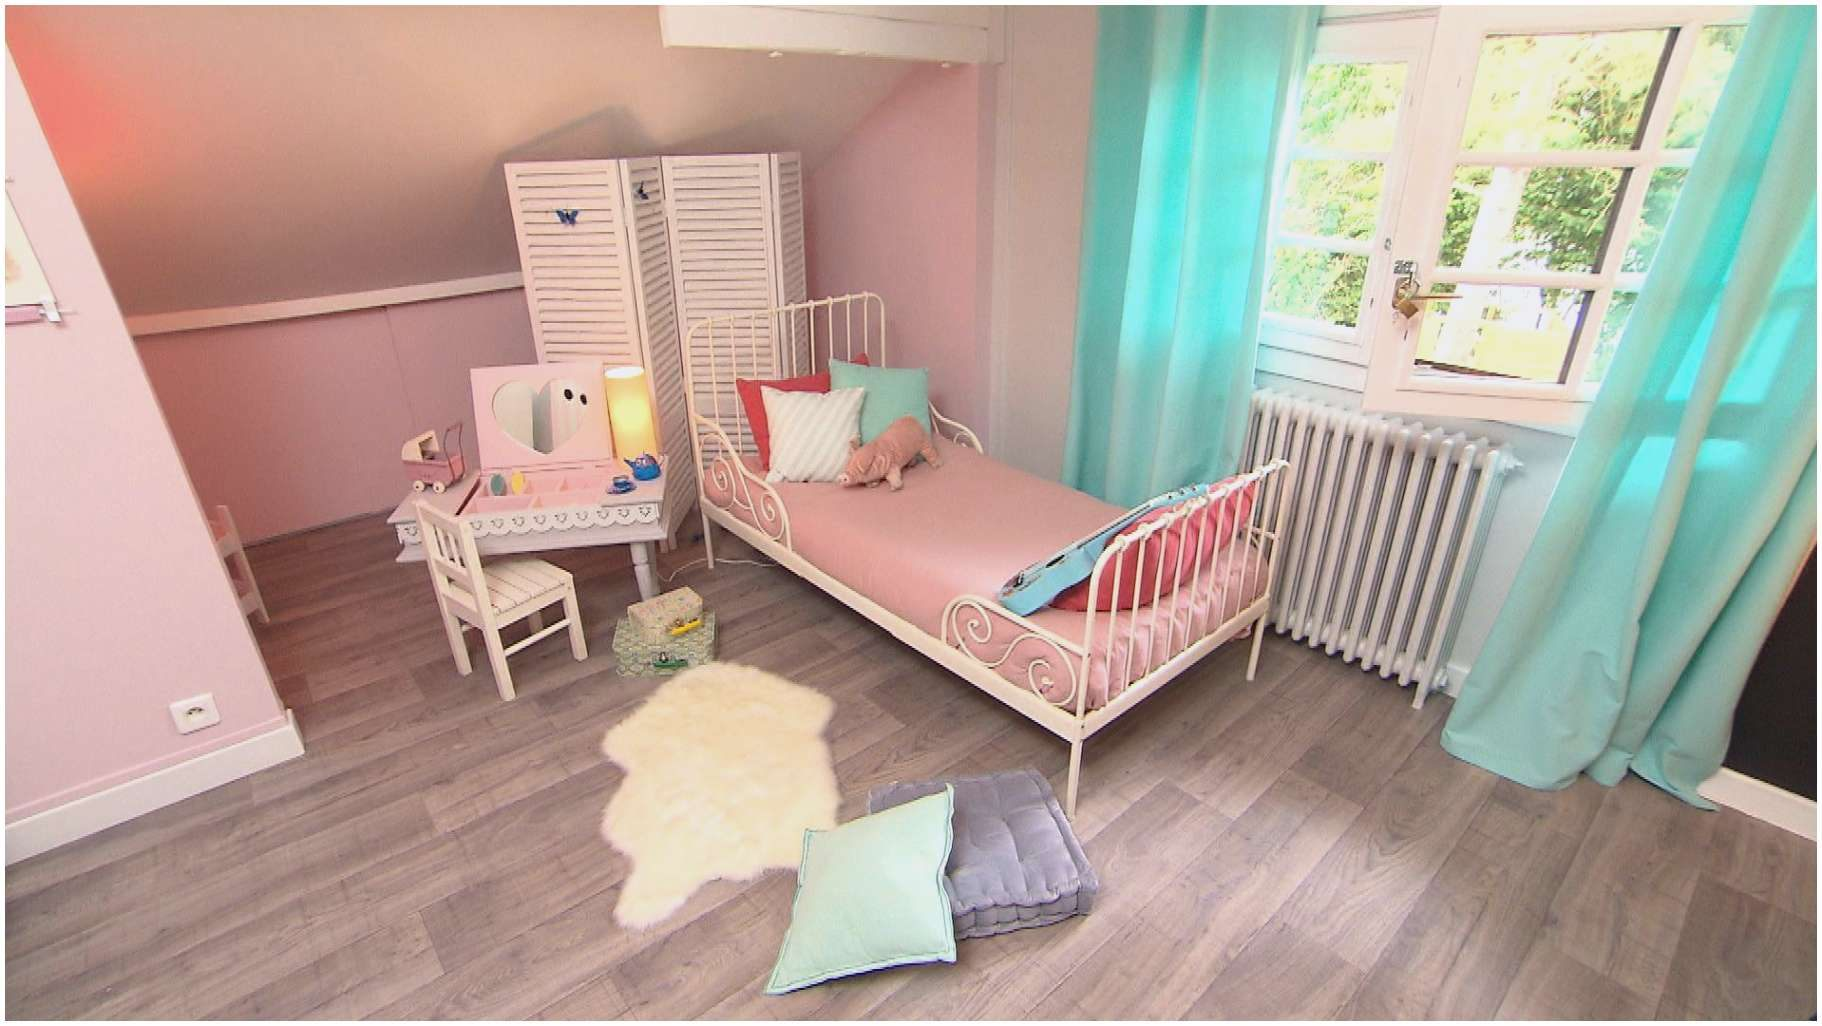 Linge De Lit Garçon Génial Luxe Inspirer 40 De Idée Chambre Gar§on Concept Pour Option Chambre